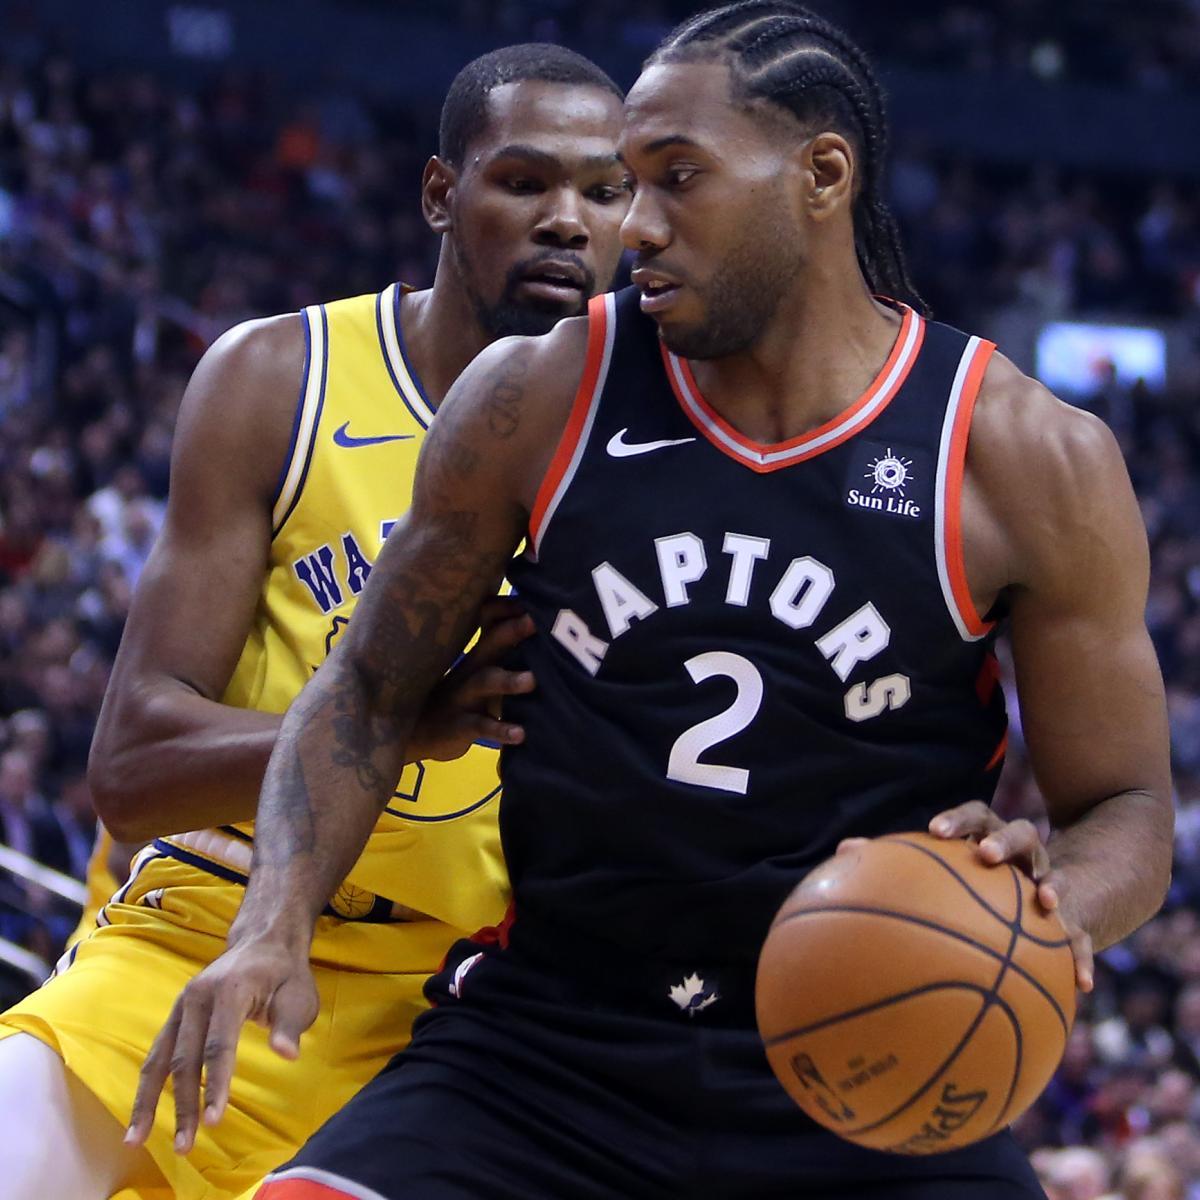 NBA Finals 2019: Warriors Vs. Raptors TV Schedule And Game